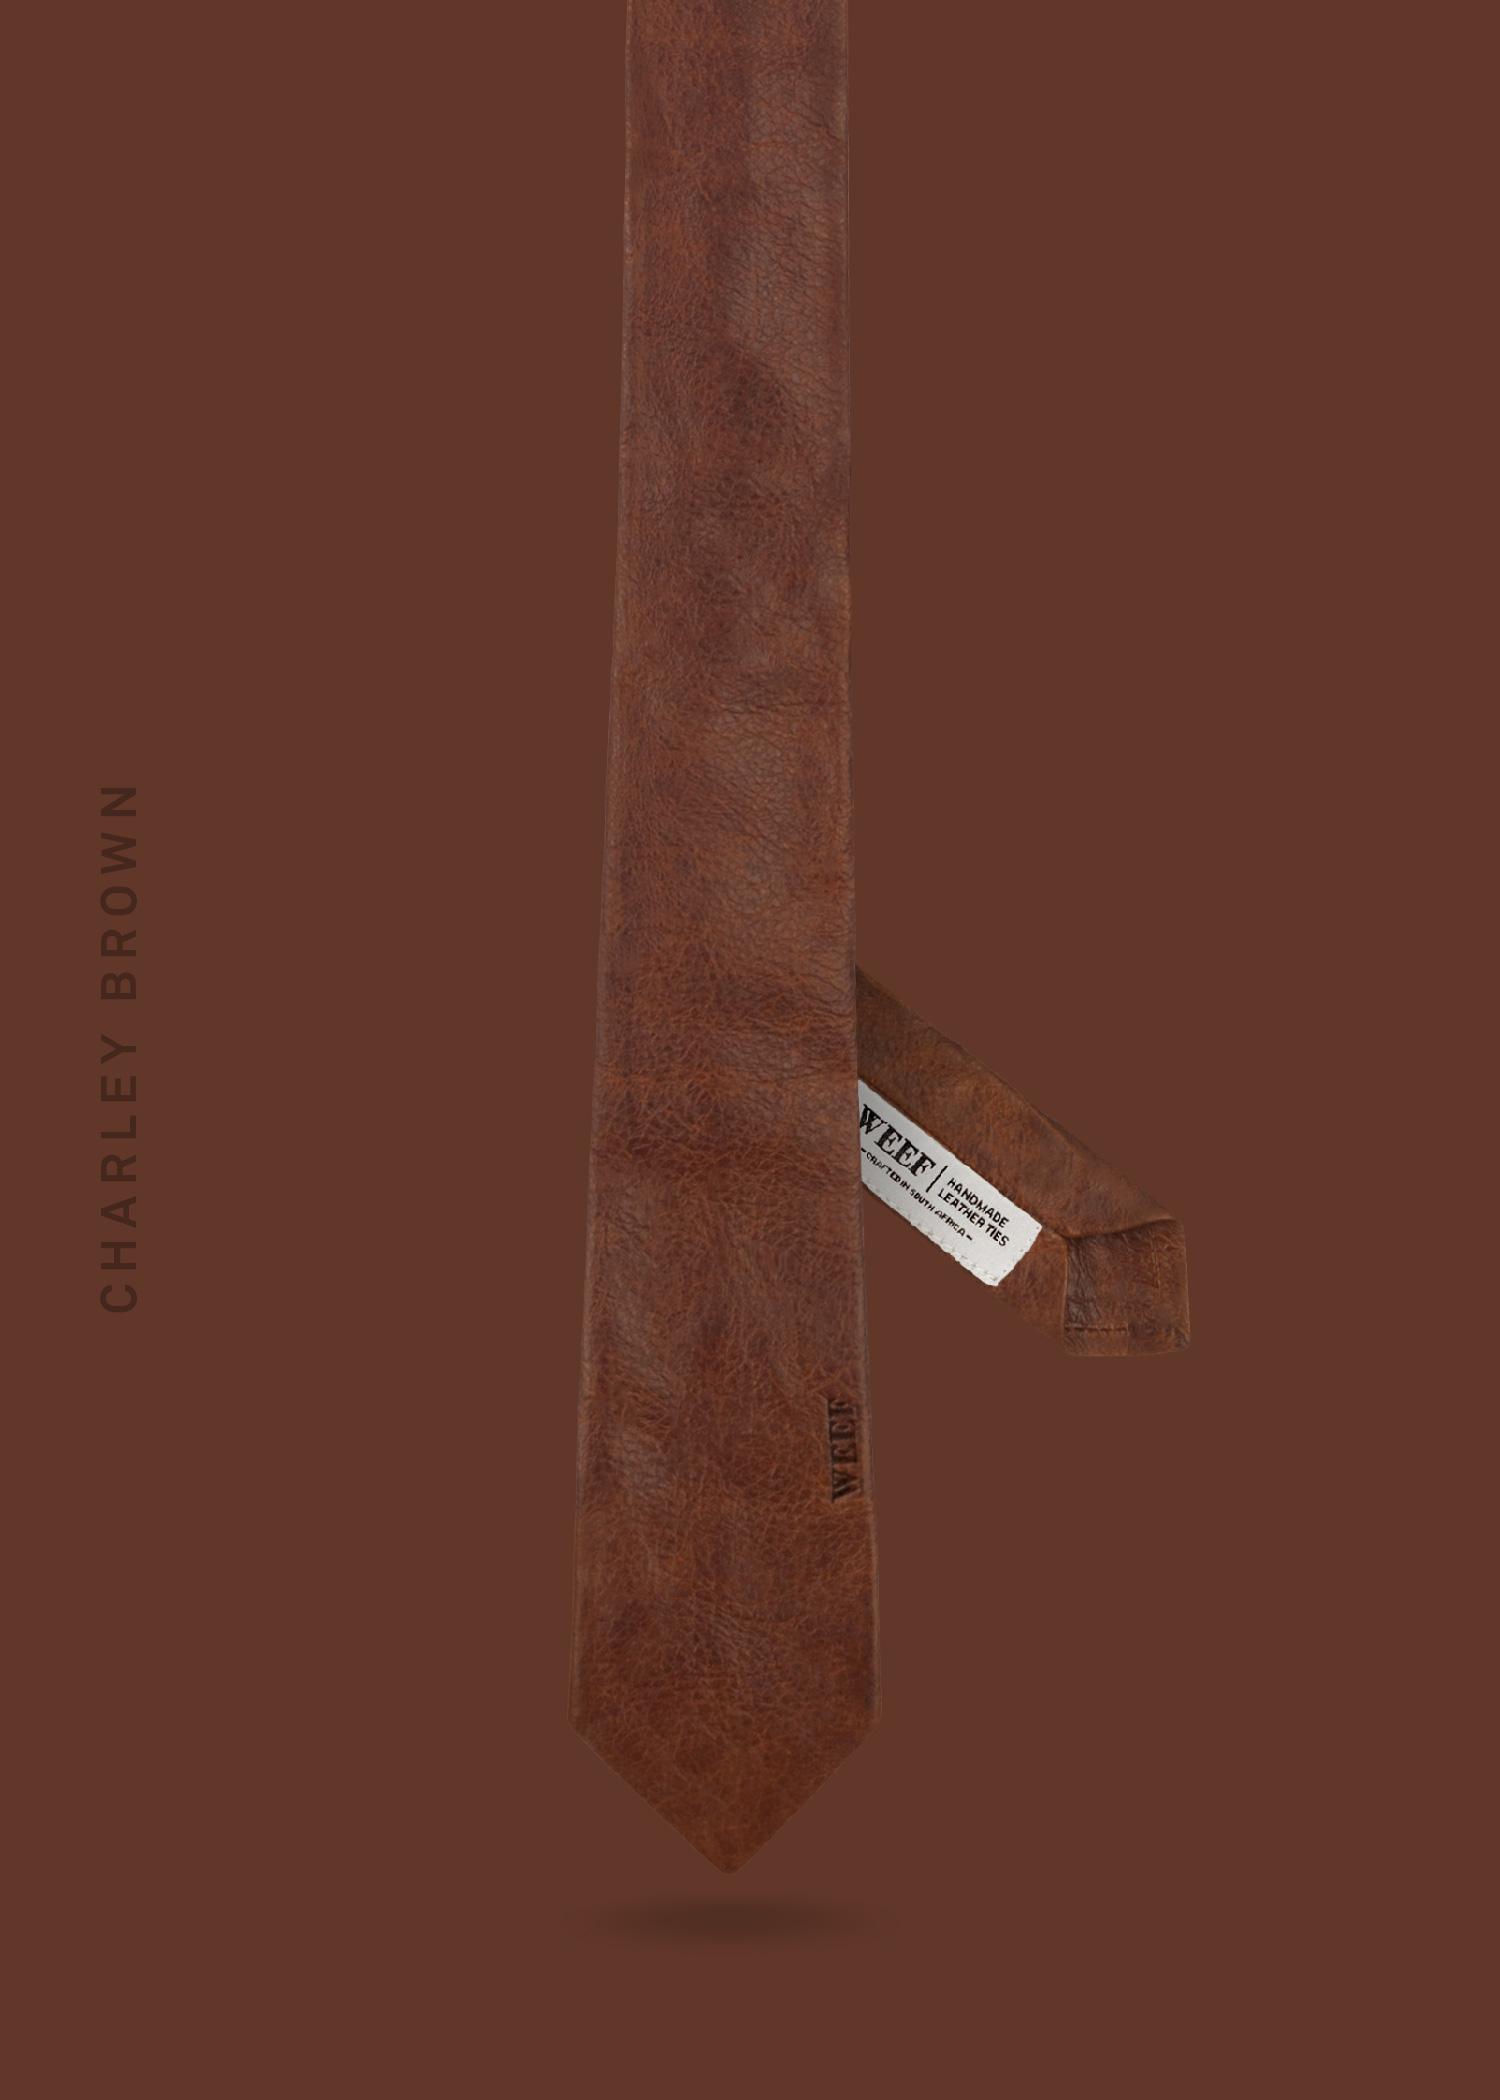 WEEF-Skinny-Tie-Charley-Brown-v2